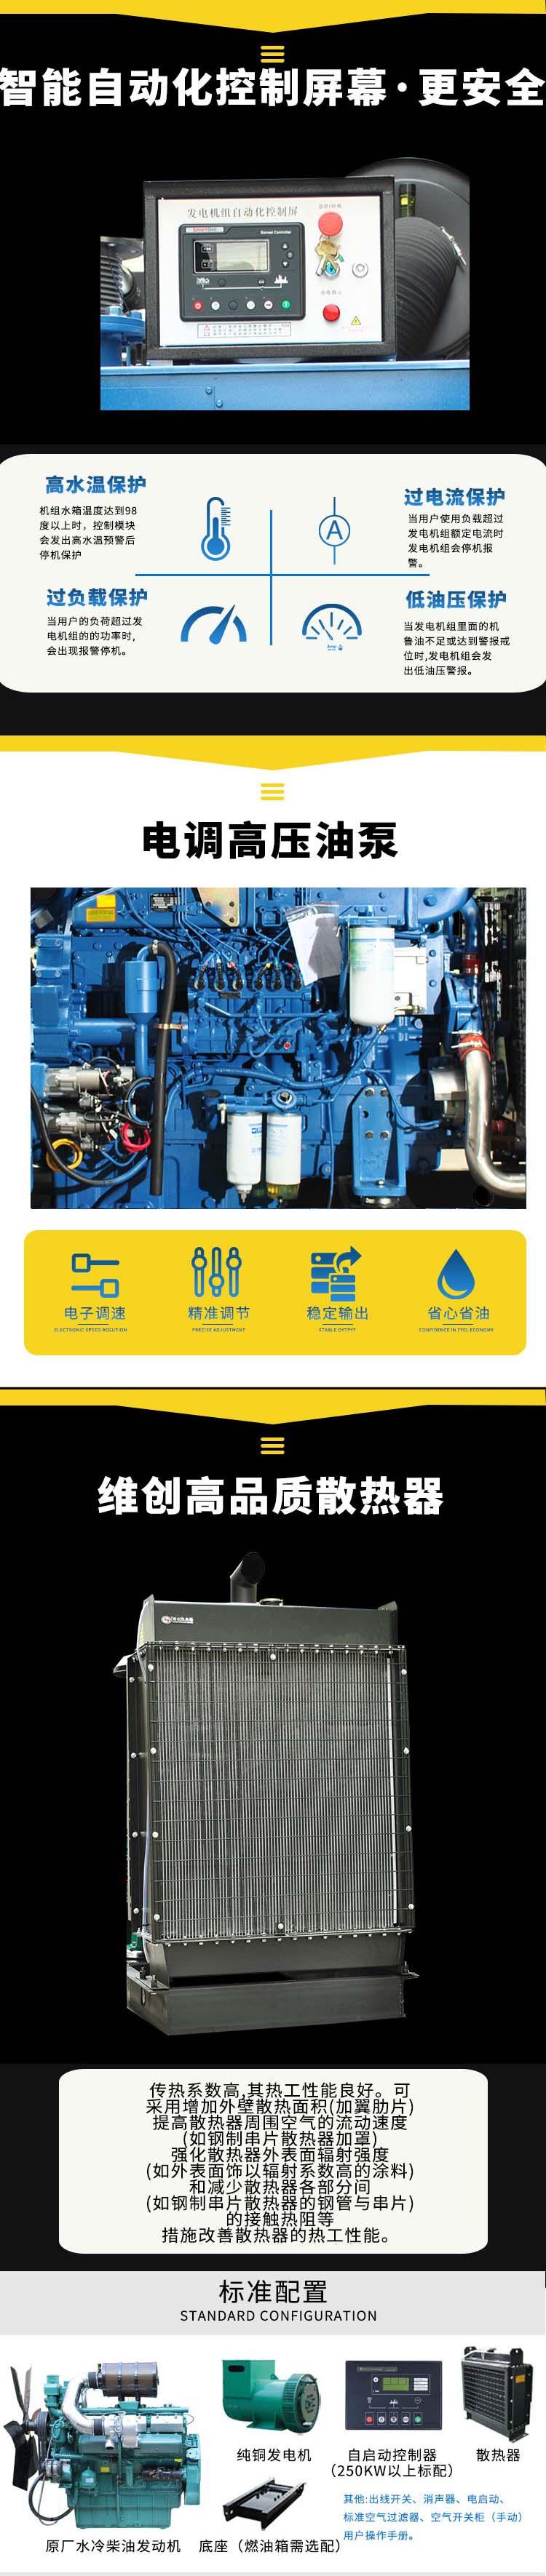 广西玉柴30KW柴油发电机组参数